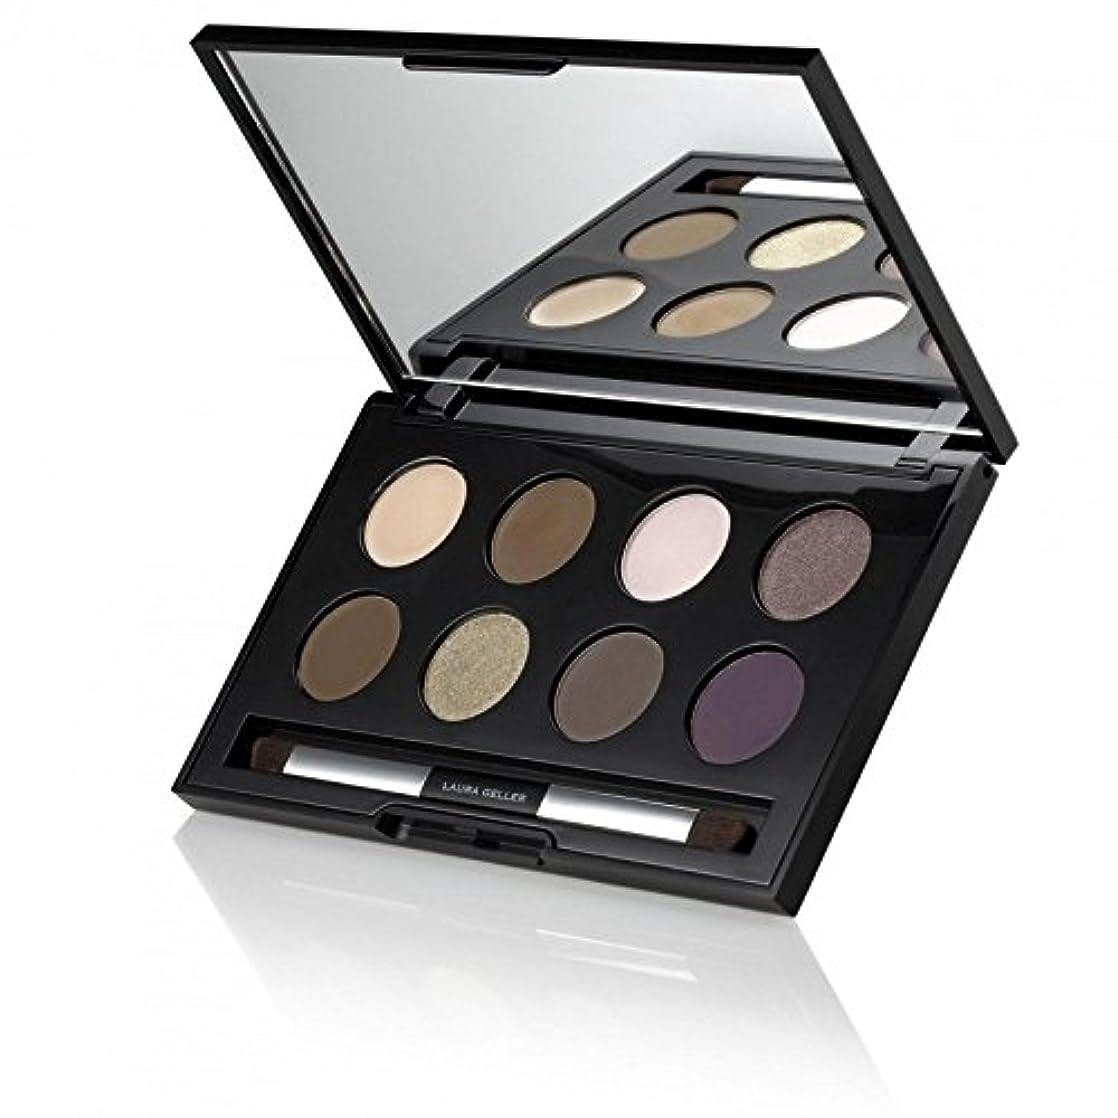 アラブサラボサーカス多様性Laura Geller Creme Glaze Baked Eyeshadow Palette With Double-Ended Brush (Pack of 6) - ローラ?ゲラーは、ダブルエンドブラシで焼いたアイシャドウパレットを釉薬 x6 [並行輸入品]